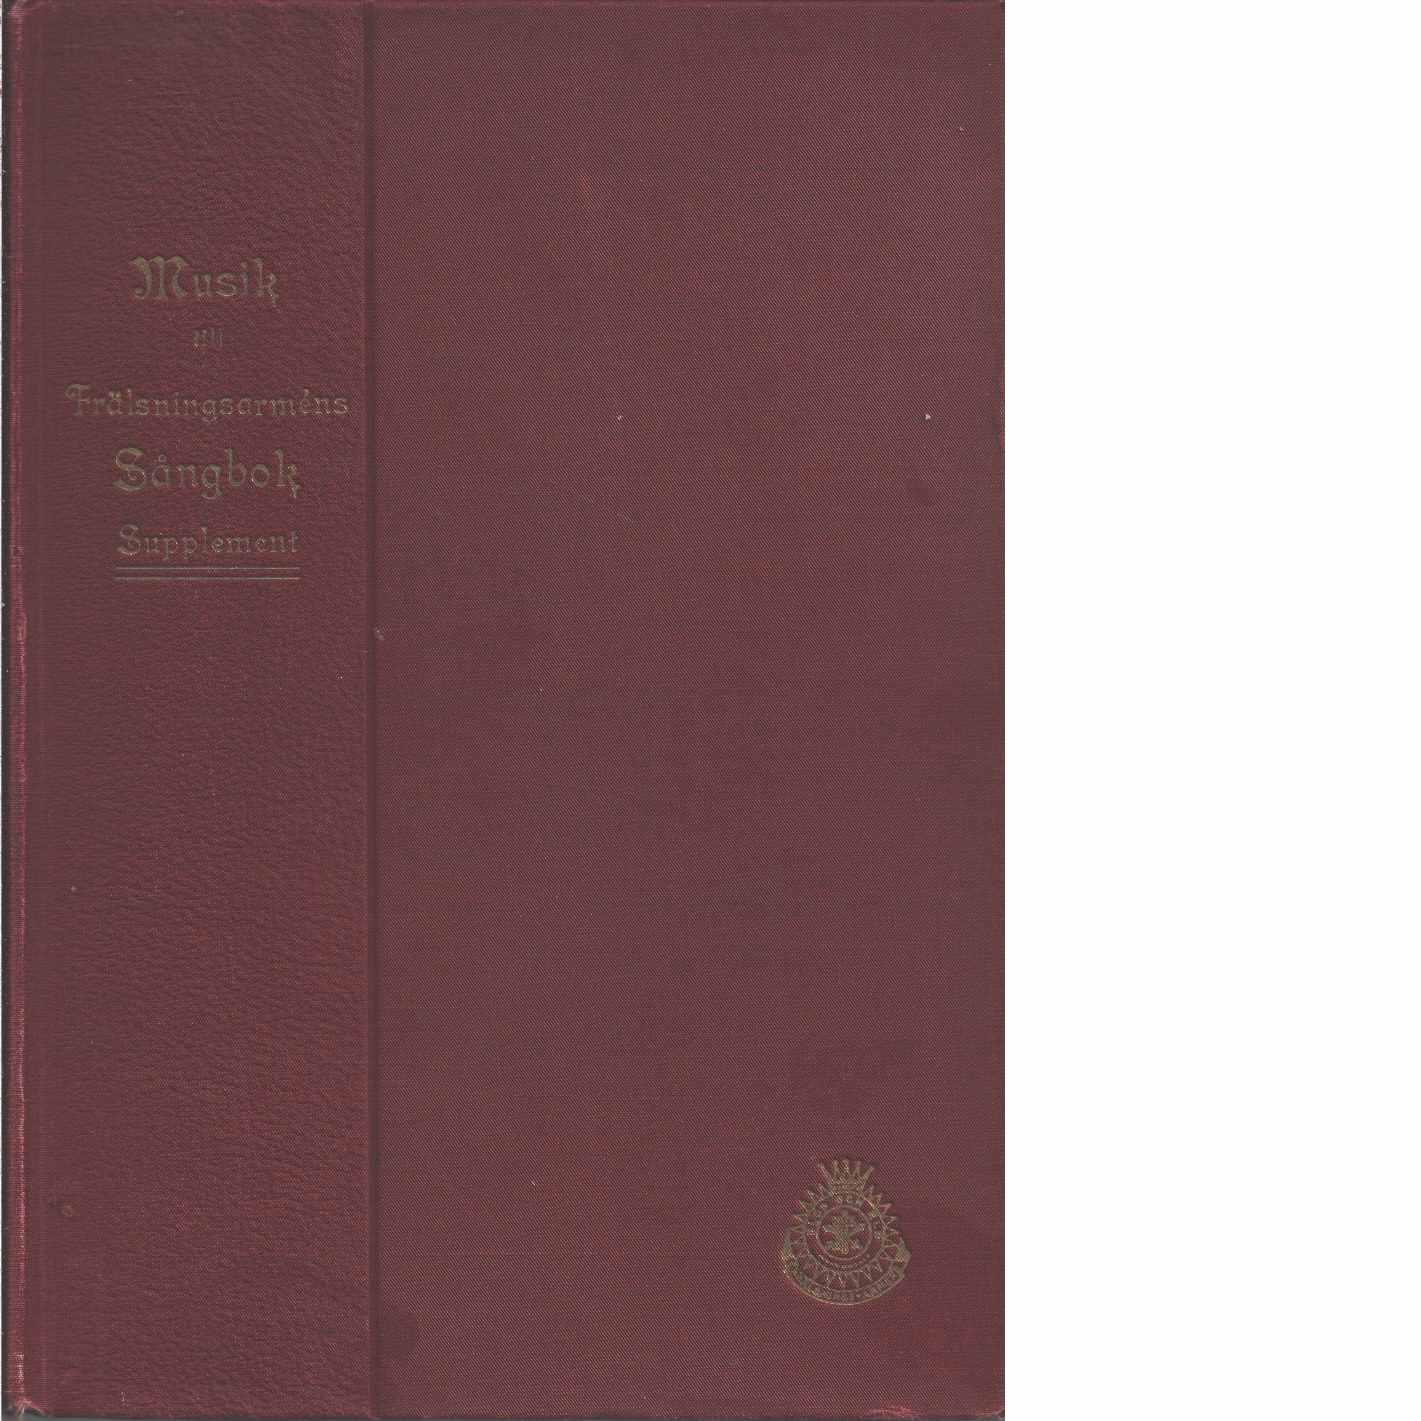 Musik till Frälsningsarméns sångbok [Musiktryck] - Red. Frälsningsarmén